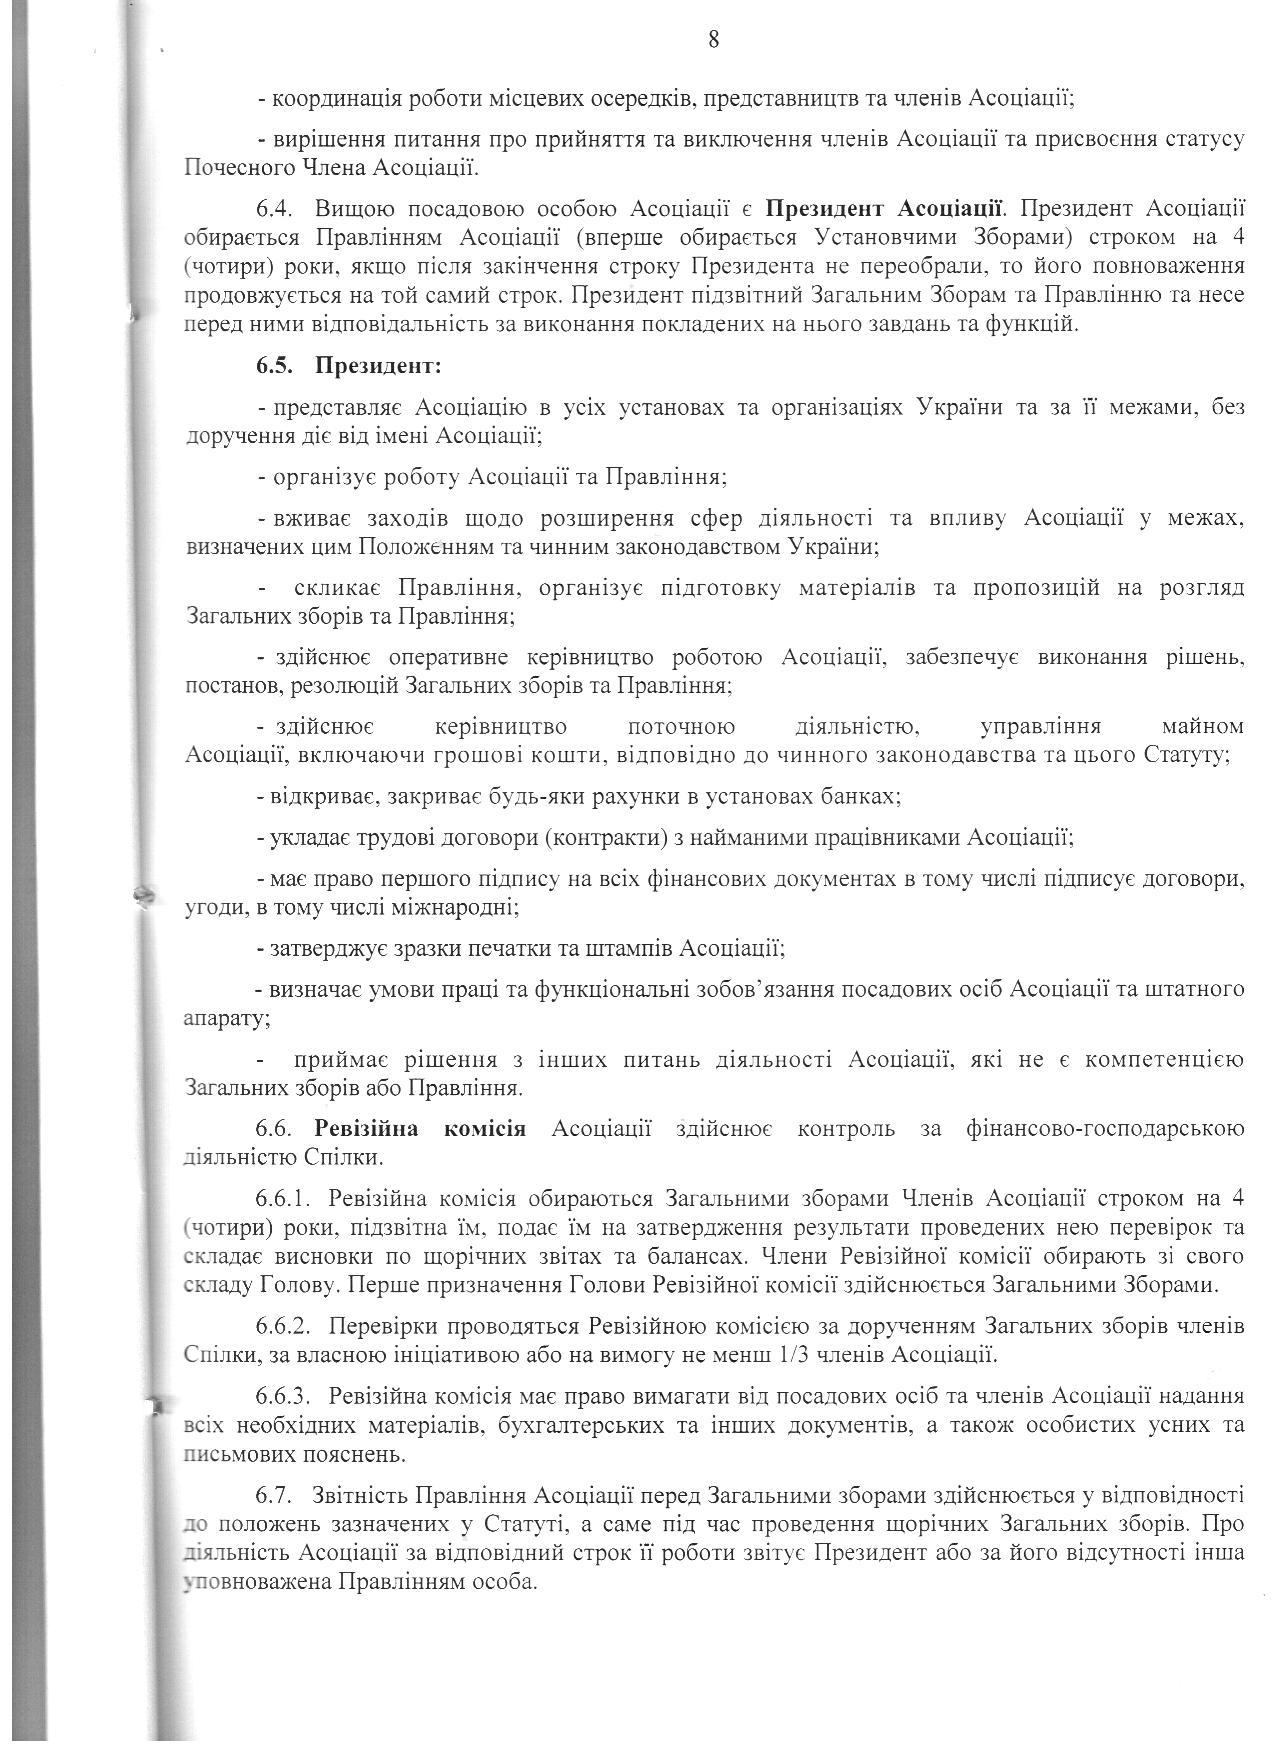 Статут Гром. сп_лки Асоц_ац_я управител_в житла 008